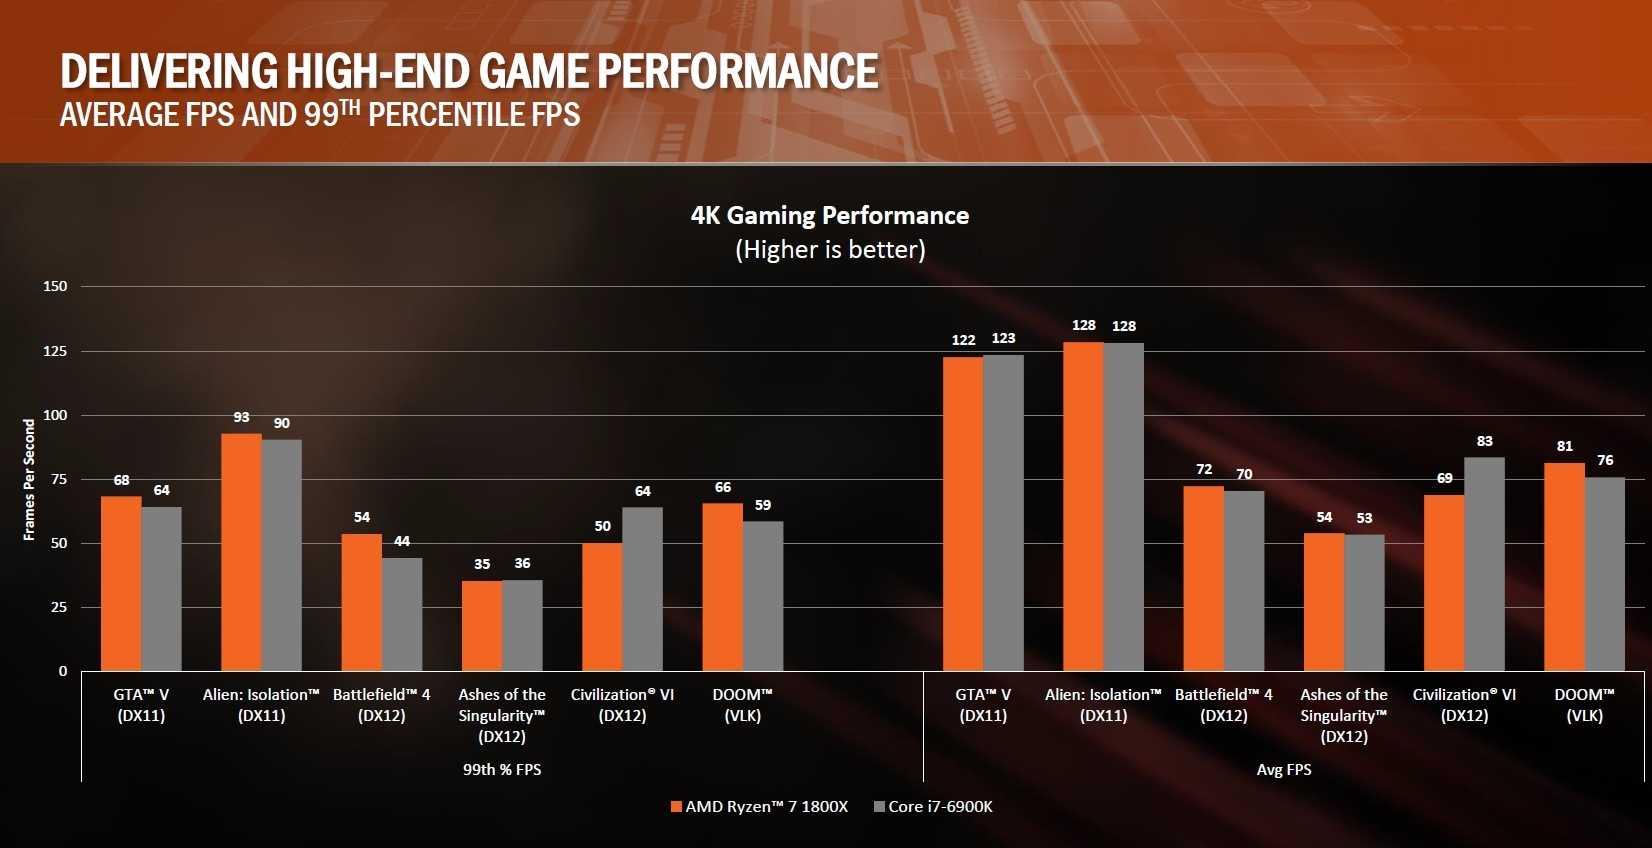 Den offiziellen AMD-Benchmarks zufolge hält Ryzen oft mit dem i7-6900K mit - allerdings nur beim Spielen in hohen Auflösungen, also im GPU-Limit. Bei niedrigen Auflösungen fällt er unerwartet deutlich zurück.